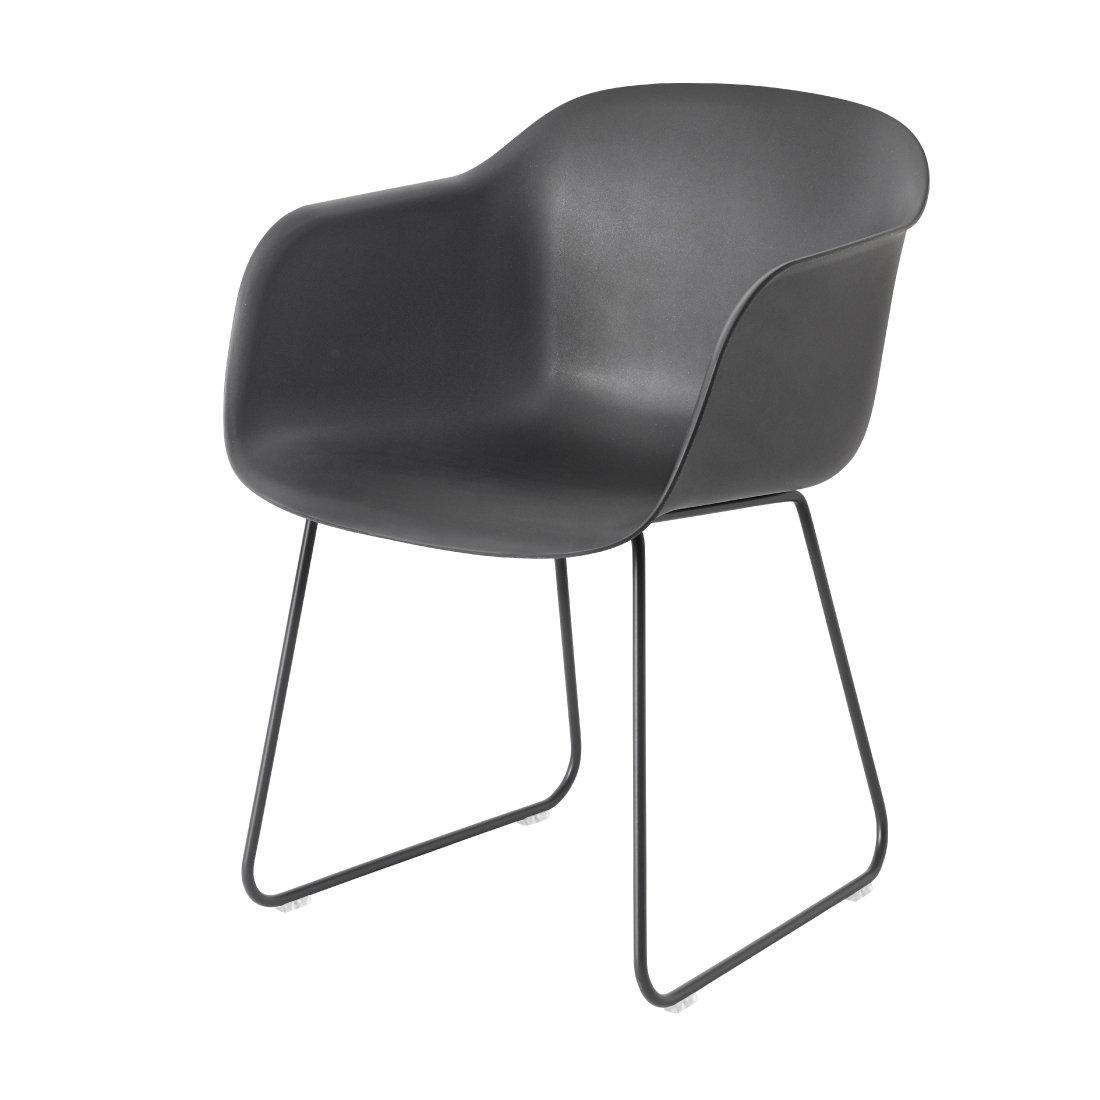 Muuto Fiber Chair Stoel, sledebasis